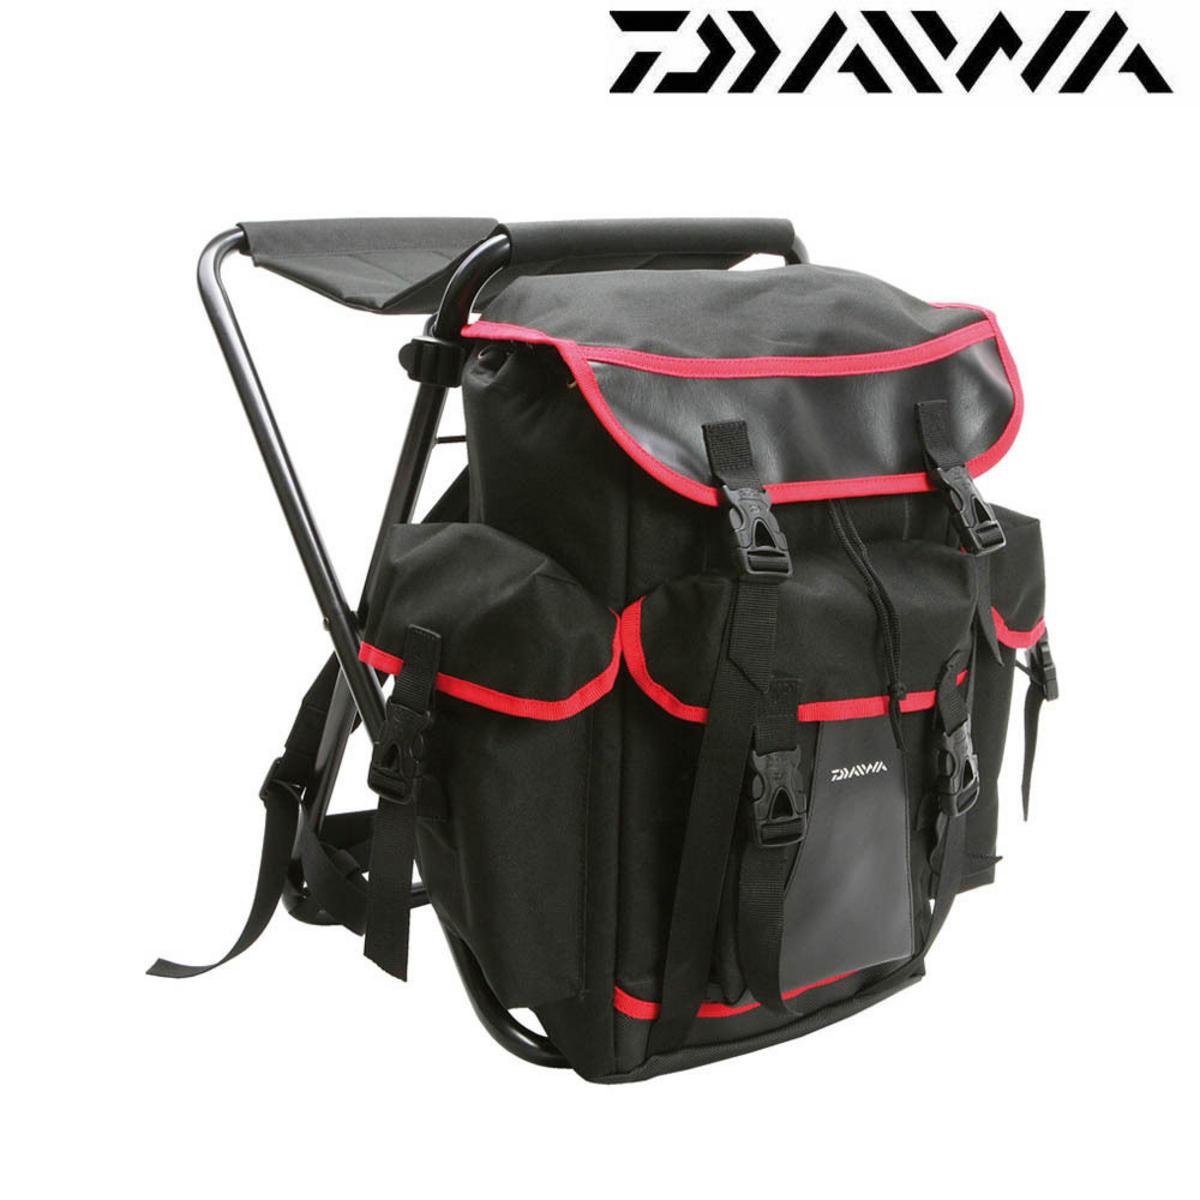 Daiwa Ruck Stool Seat & Rucksack Model No. DRST1